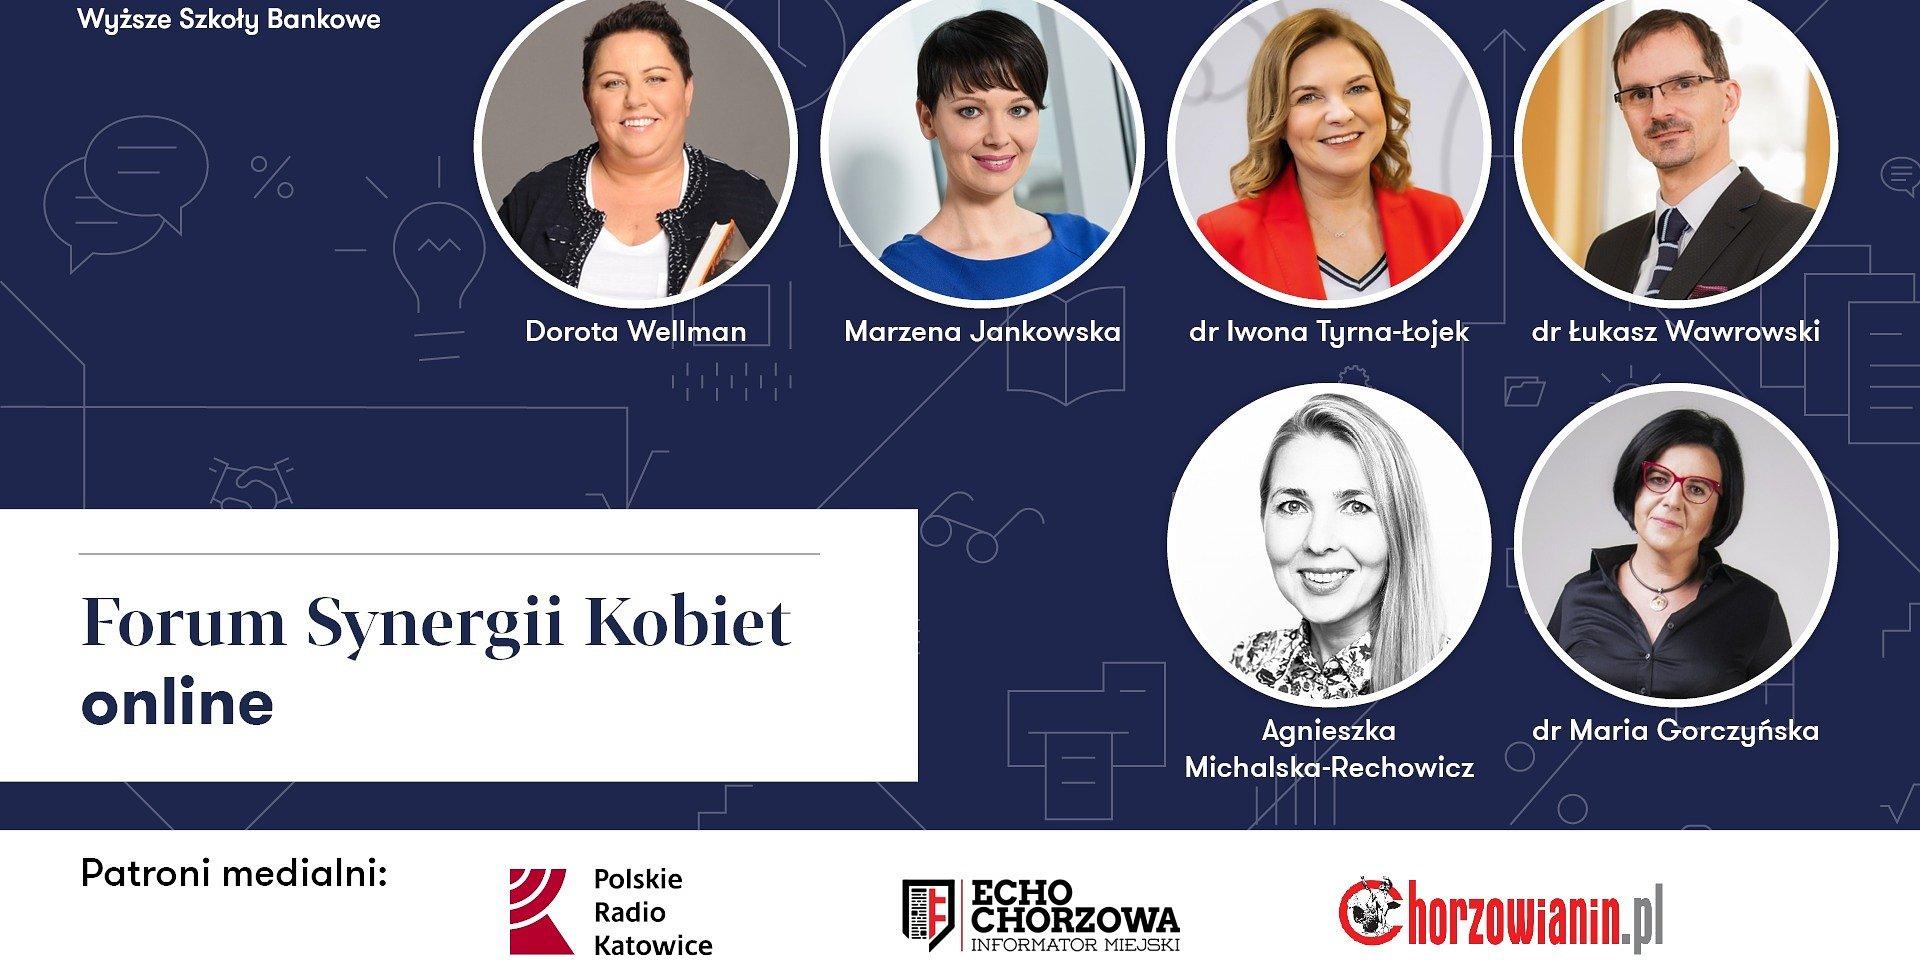 Postaw na rozwój! Zbliża się Forum Synergii Kobiet